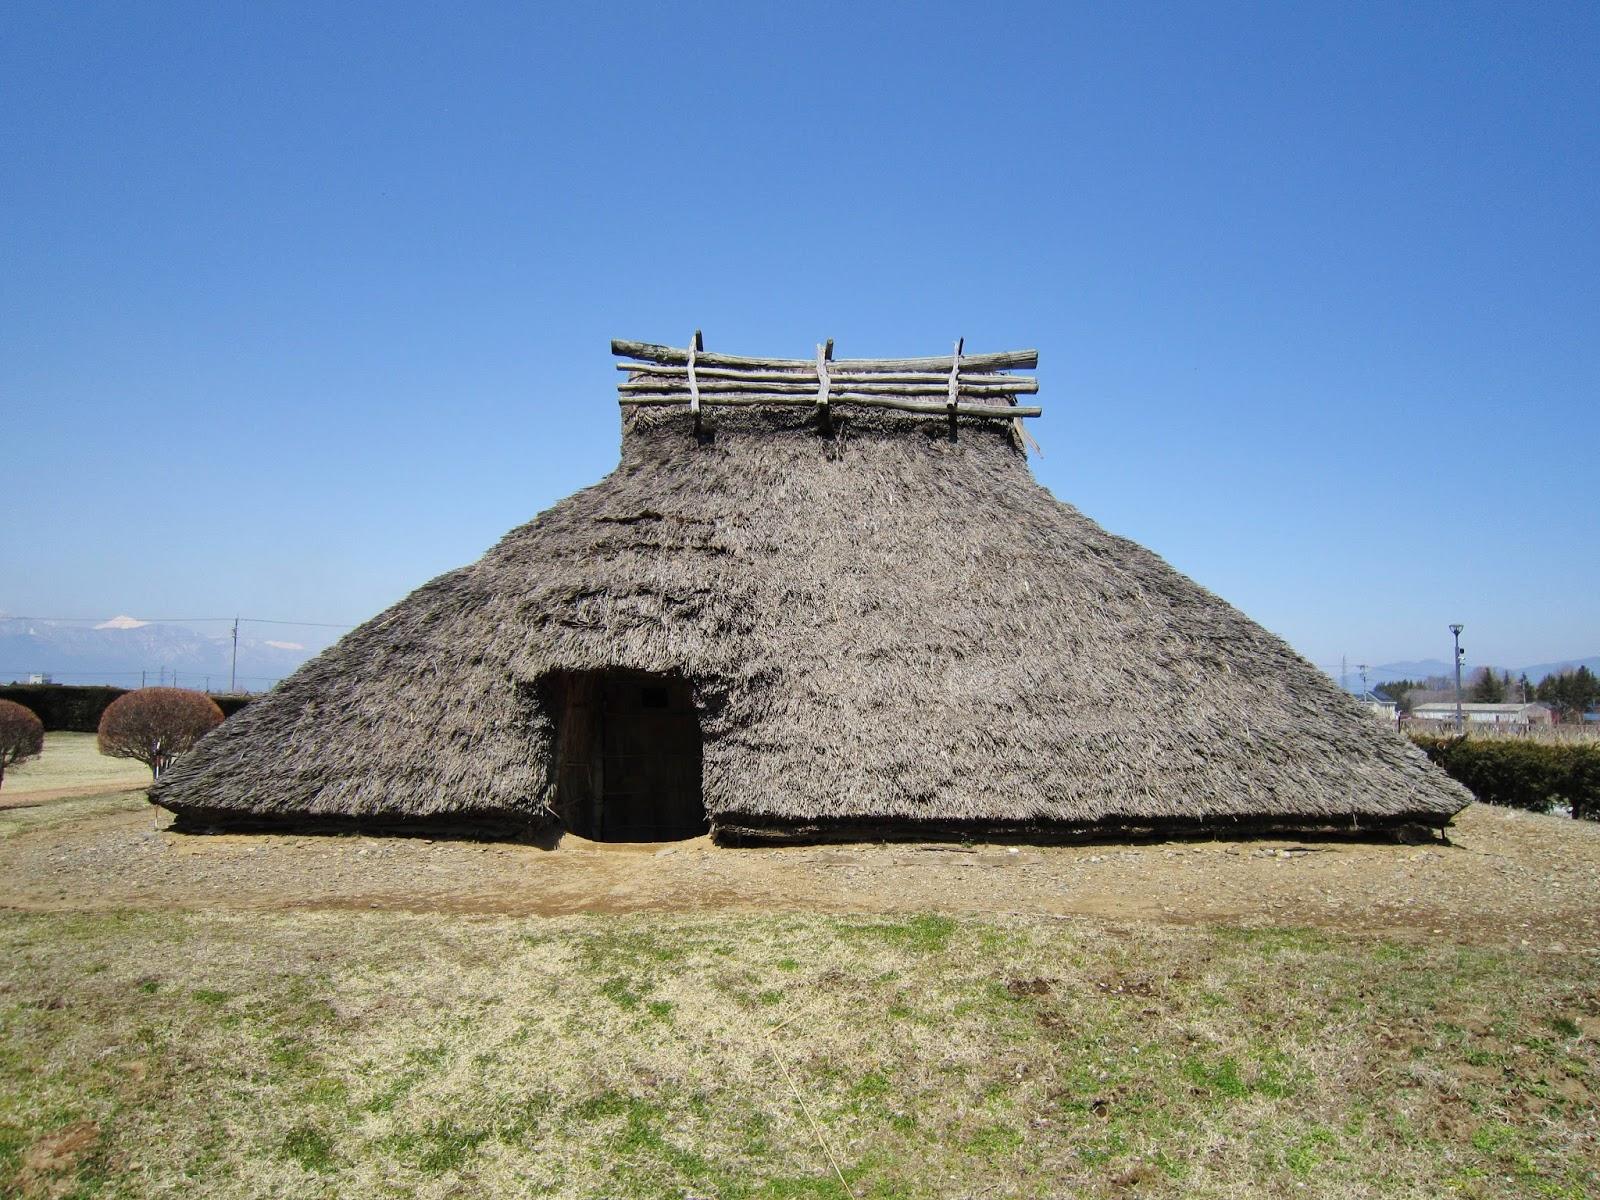 Những ngôi nhà kiểu Tateana của kiến trúc Nhật Bản cổ đại